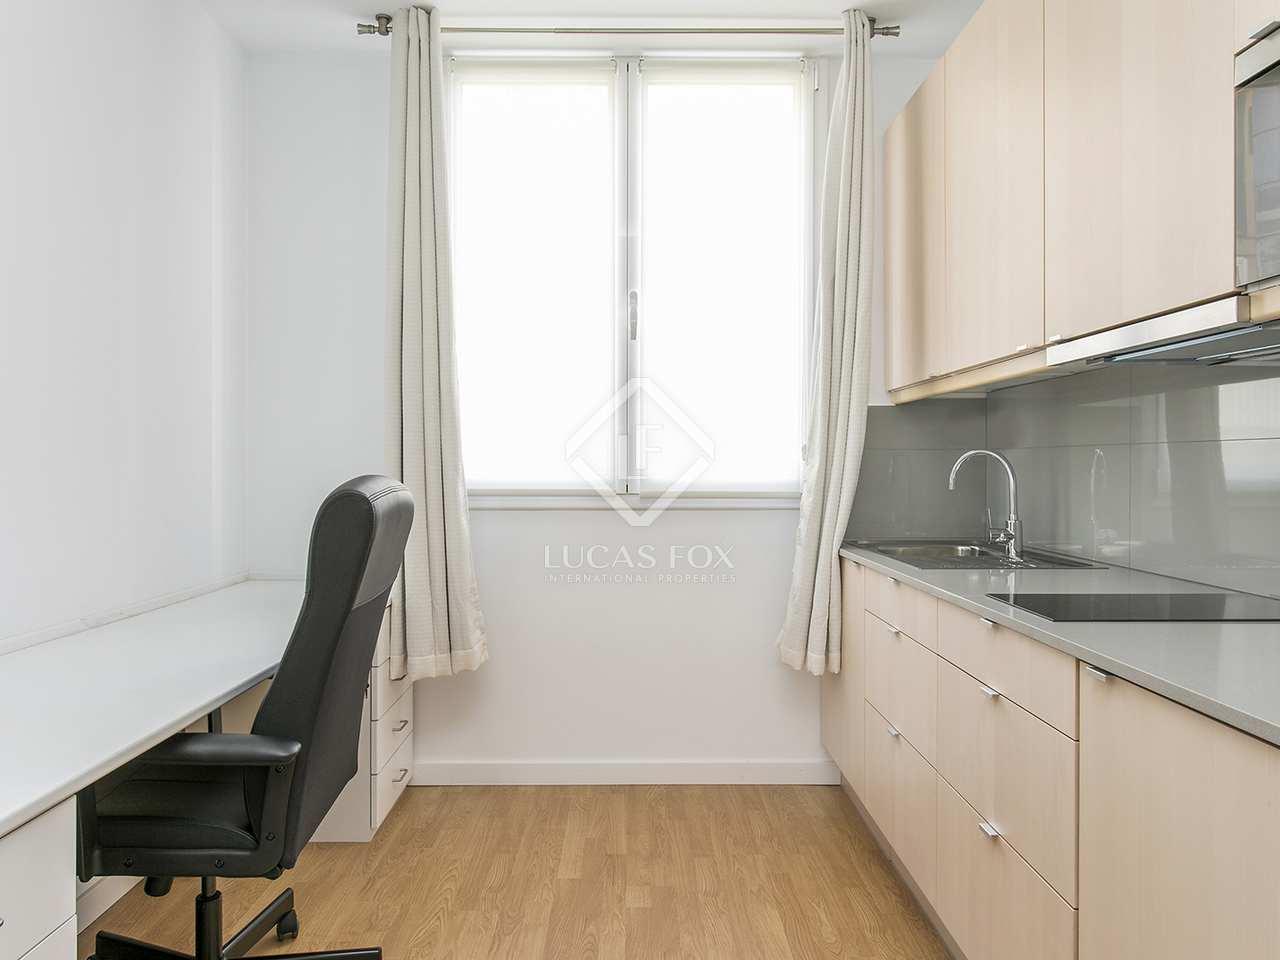 Appartamento di 220m in affitto a gotico barcellona for Camere in affitto a barcellona